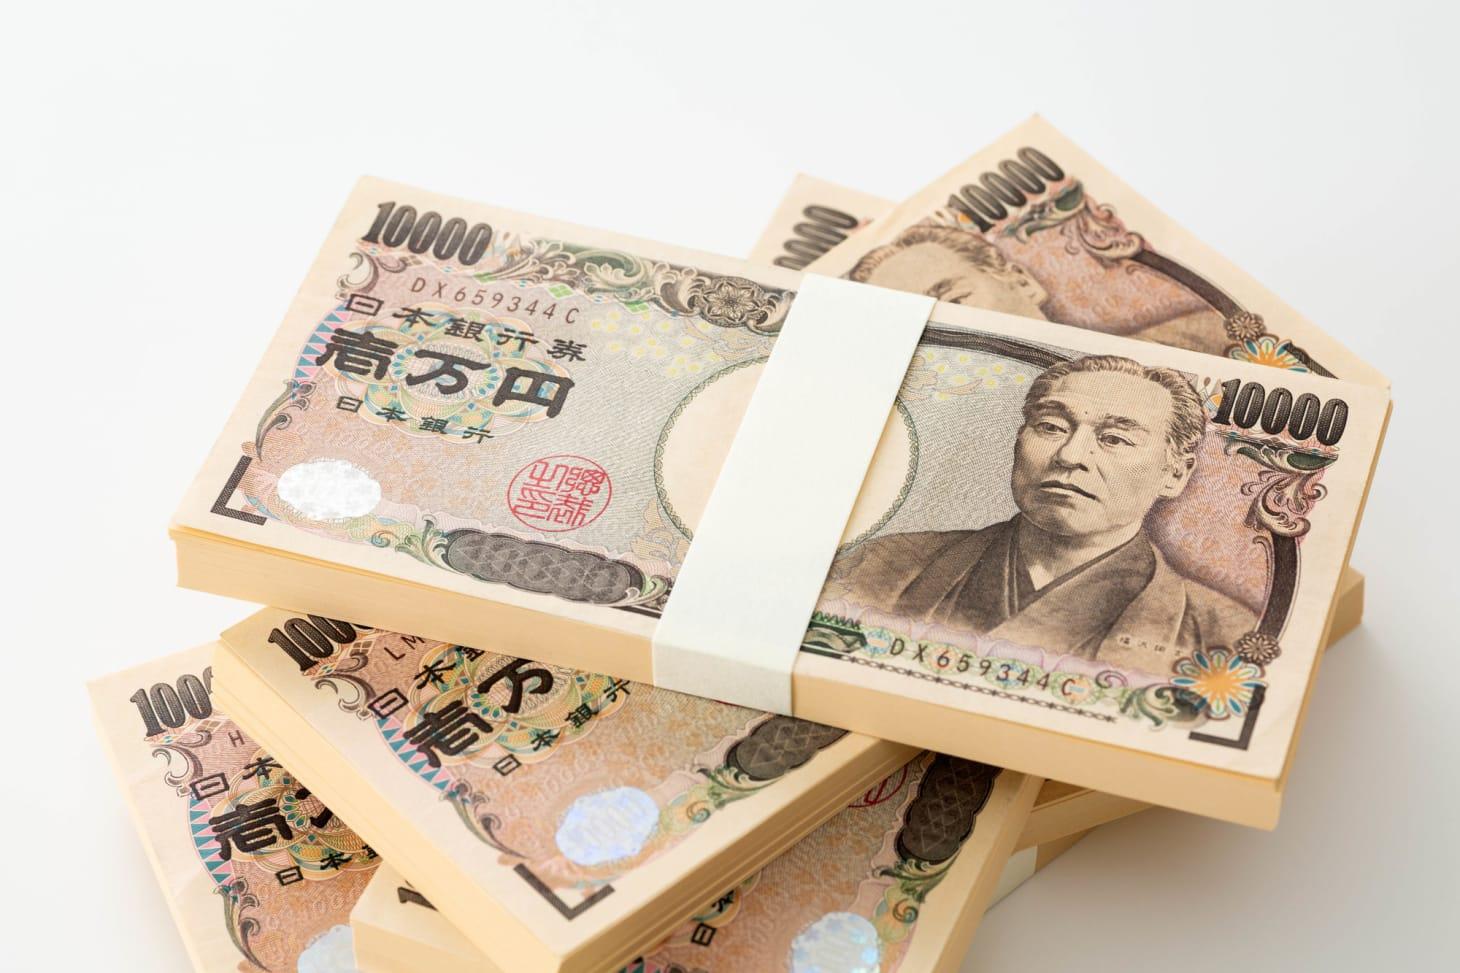 介護職(介護福祉士)の年収は600万円を超えるのか?